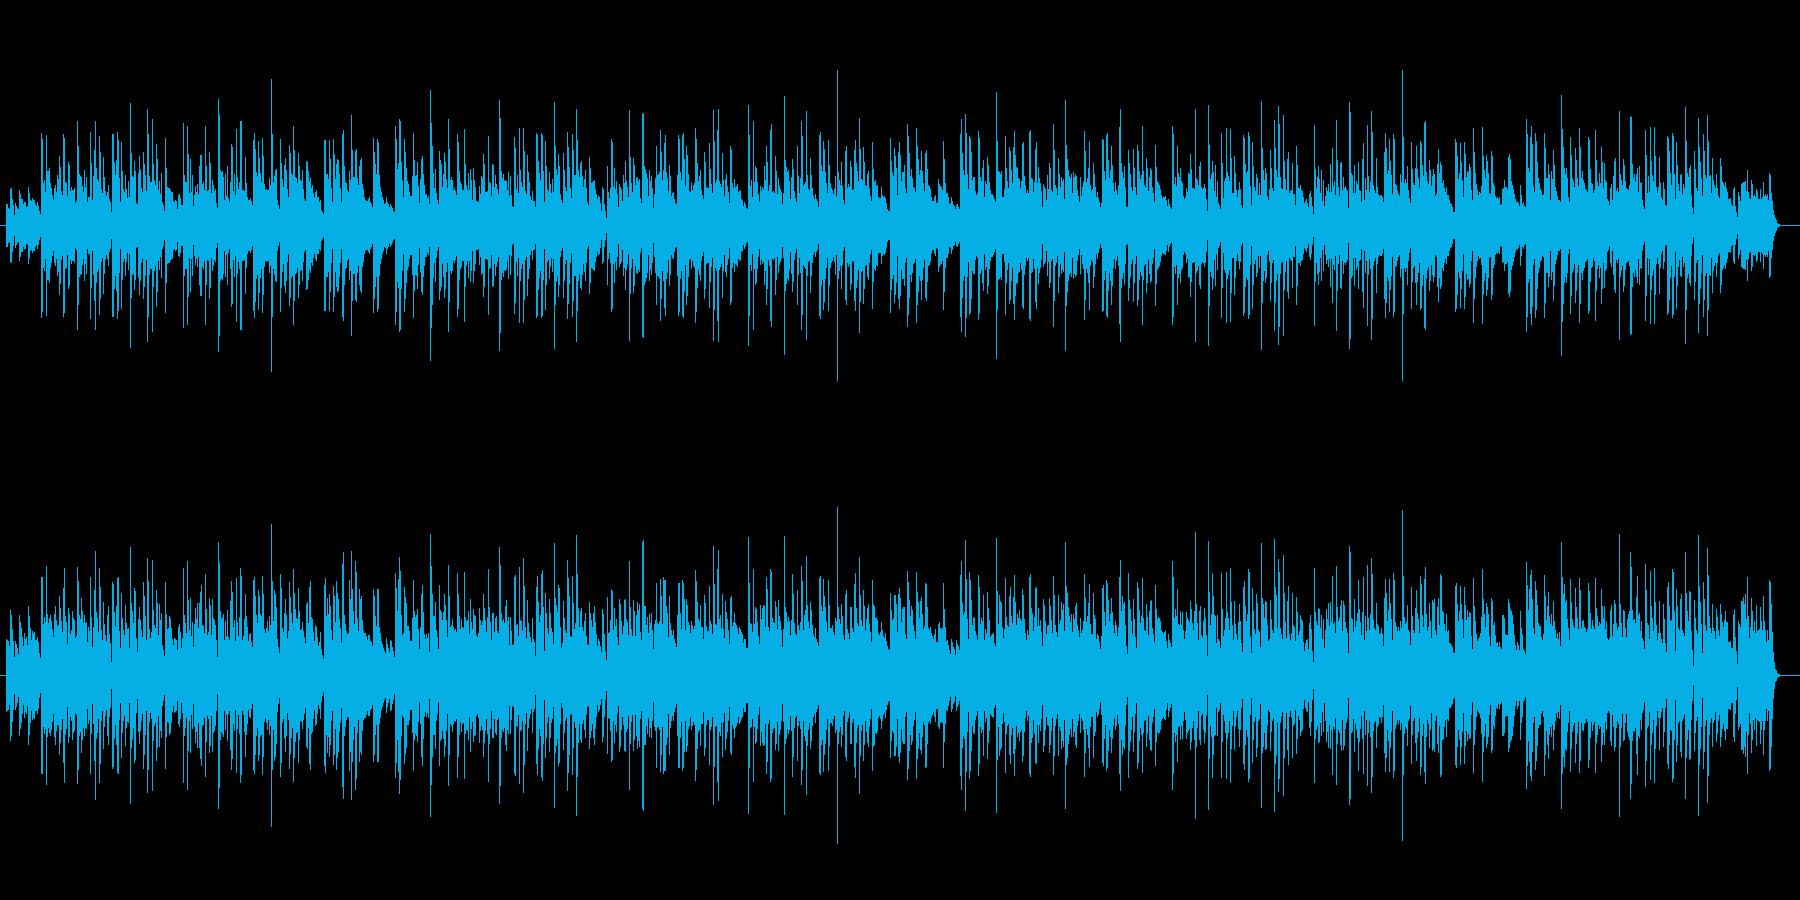 ピアノの楽しい雰囲気いっぱいのBGMの再生済みの波形